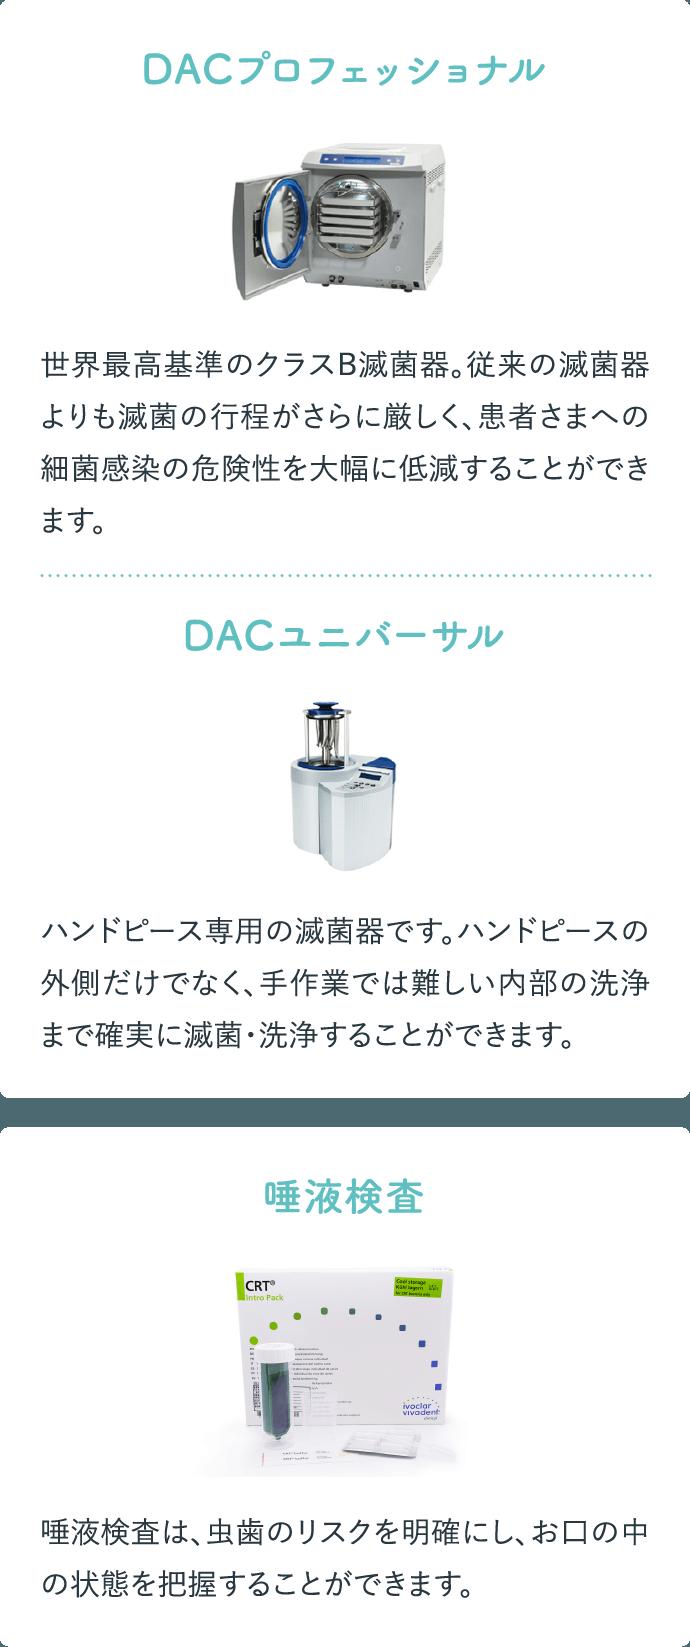 DACプロフェッショナル 世界最高基準のクラスB滅菌器。従来の滅菌器よりも滅菌の行程がさらに厳しく、患者さまへの細菌感染の危険性を大幅に低減することができます。 DACユニバーサル ハンドピース専用の滅菌器です。ハンドピースの外側だけでなく、手作業では難しい内部の洗浄まで確実に滅菌・洗浄することができます。 唾液検査 唾液検査は、虫歯のリスクを明確にし、お口の中の状態を把握することができます。